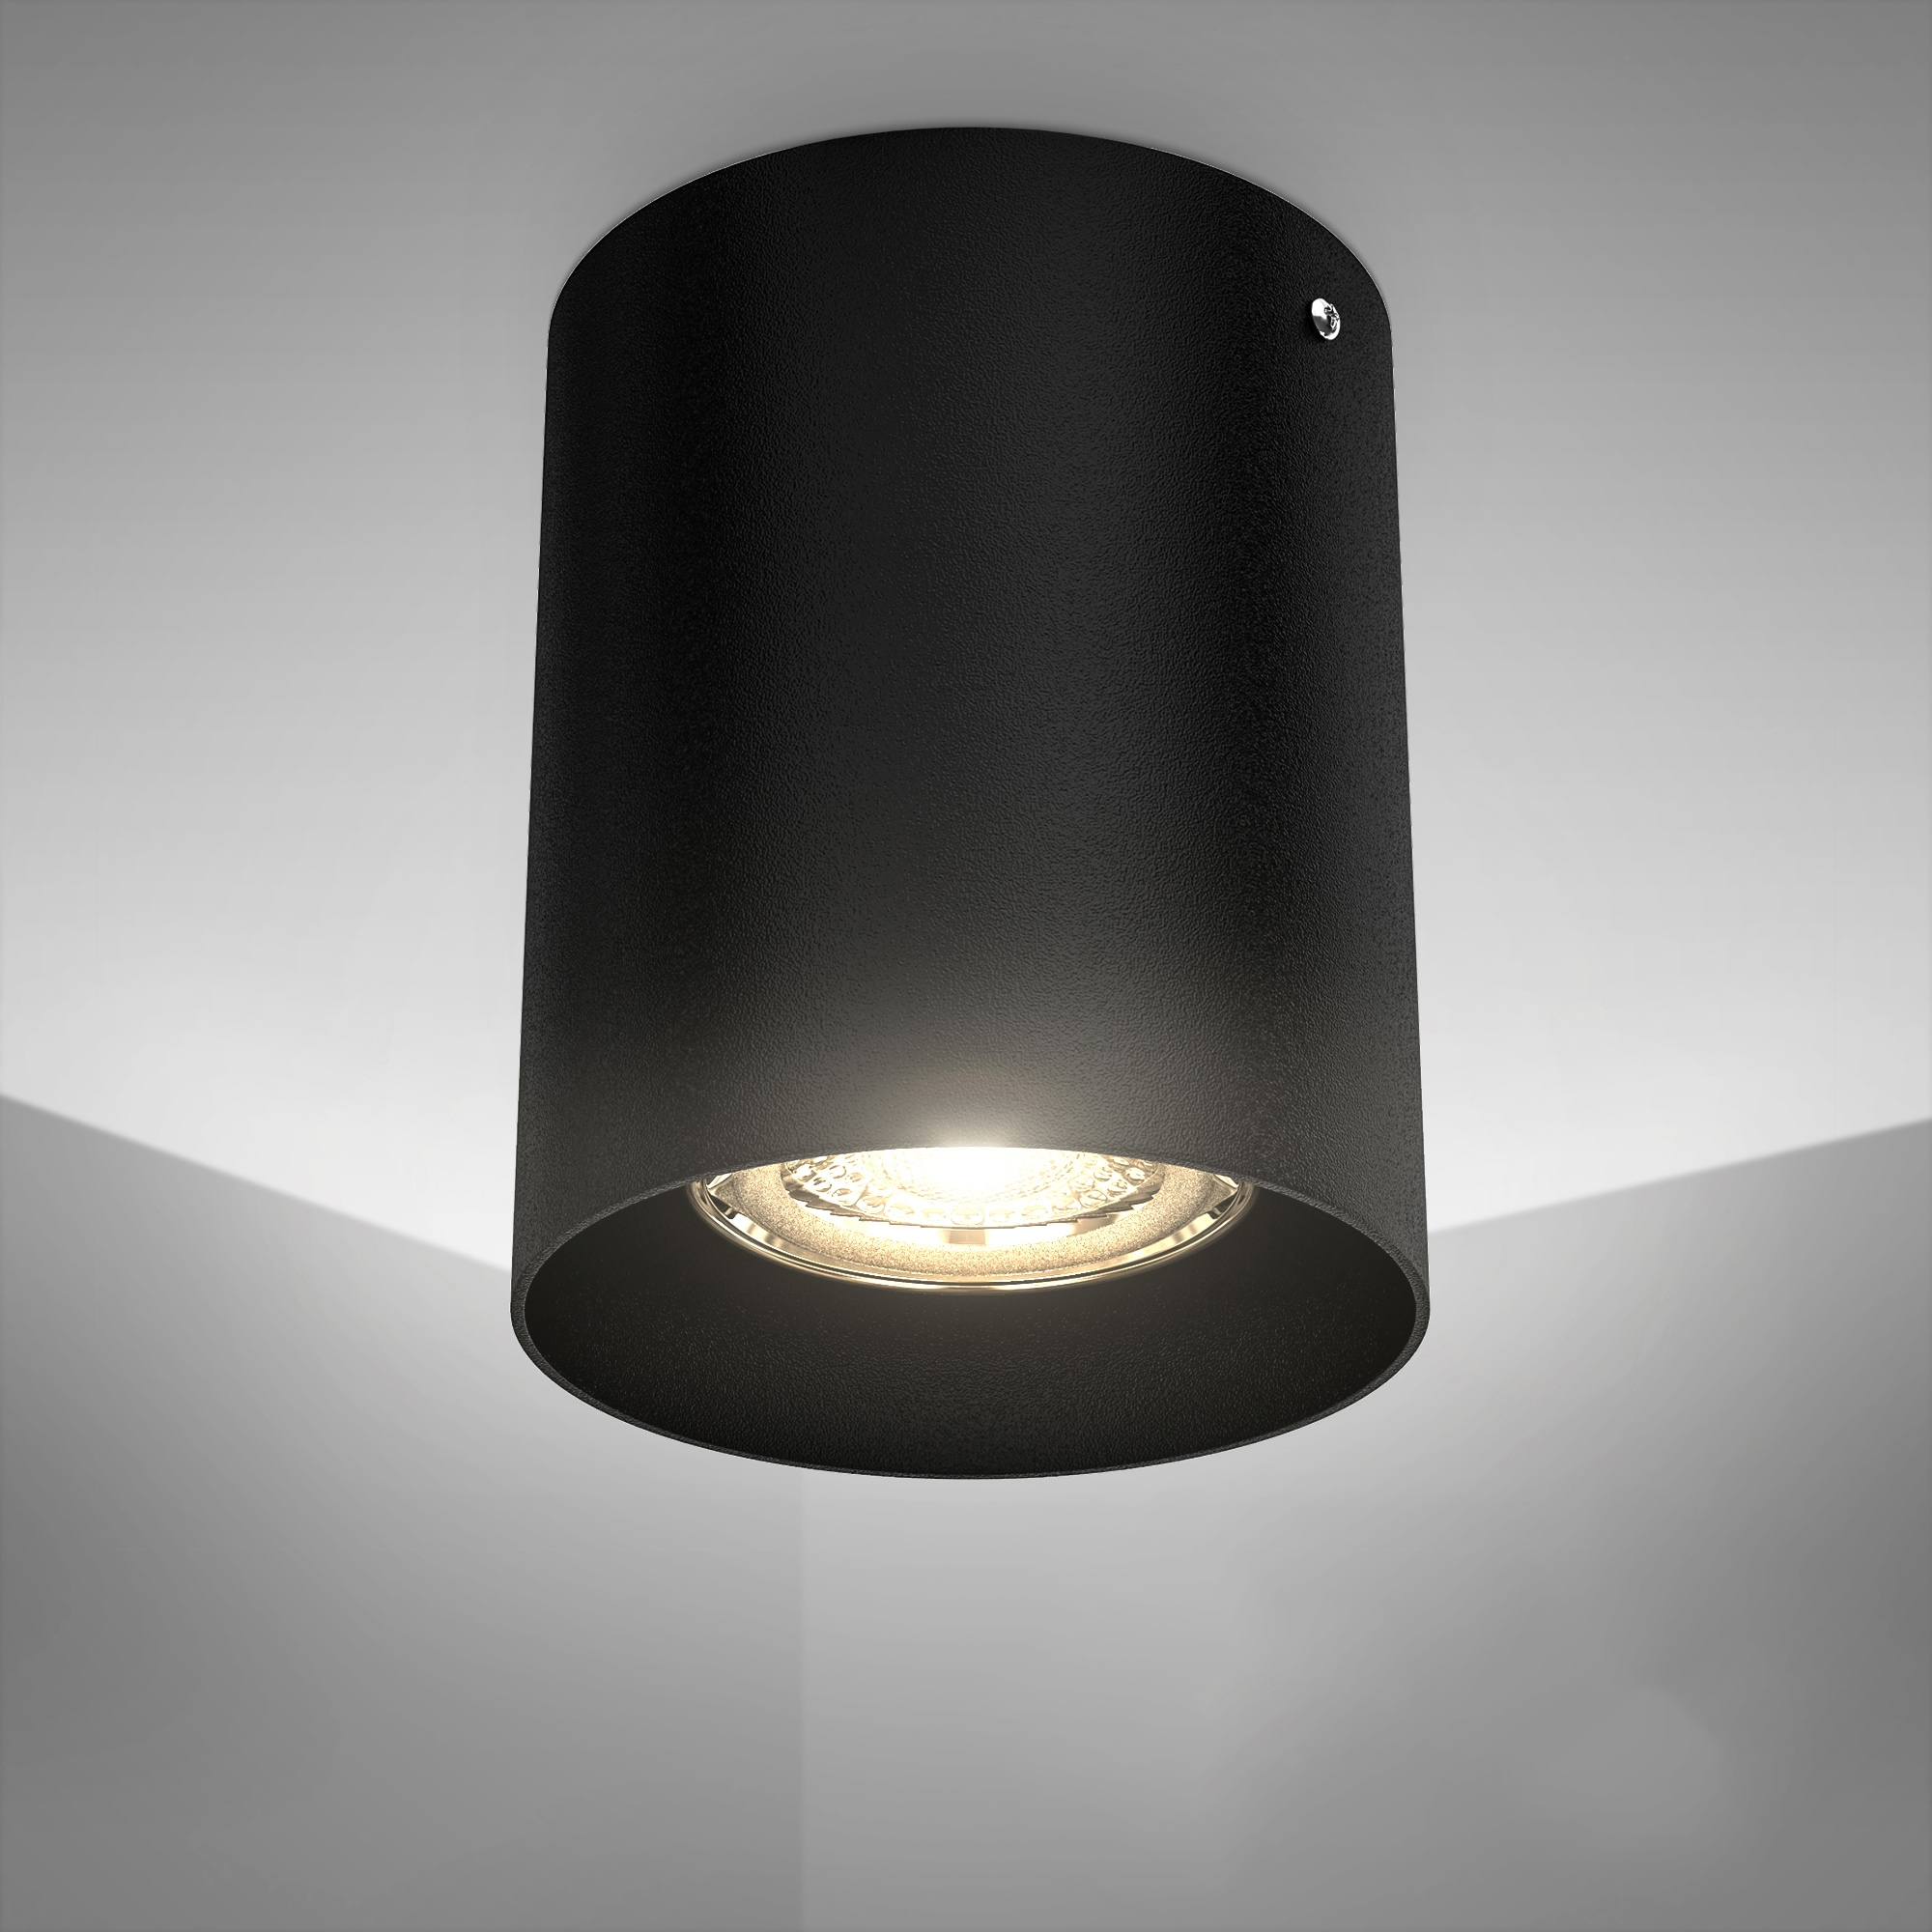 B.K.Licht Aufbauleuchte, GU10, LED Deckenspot Aufbaulampe Strahler Downlight Deckenlampe schwarz metall GU10